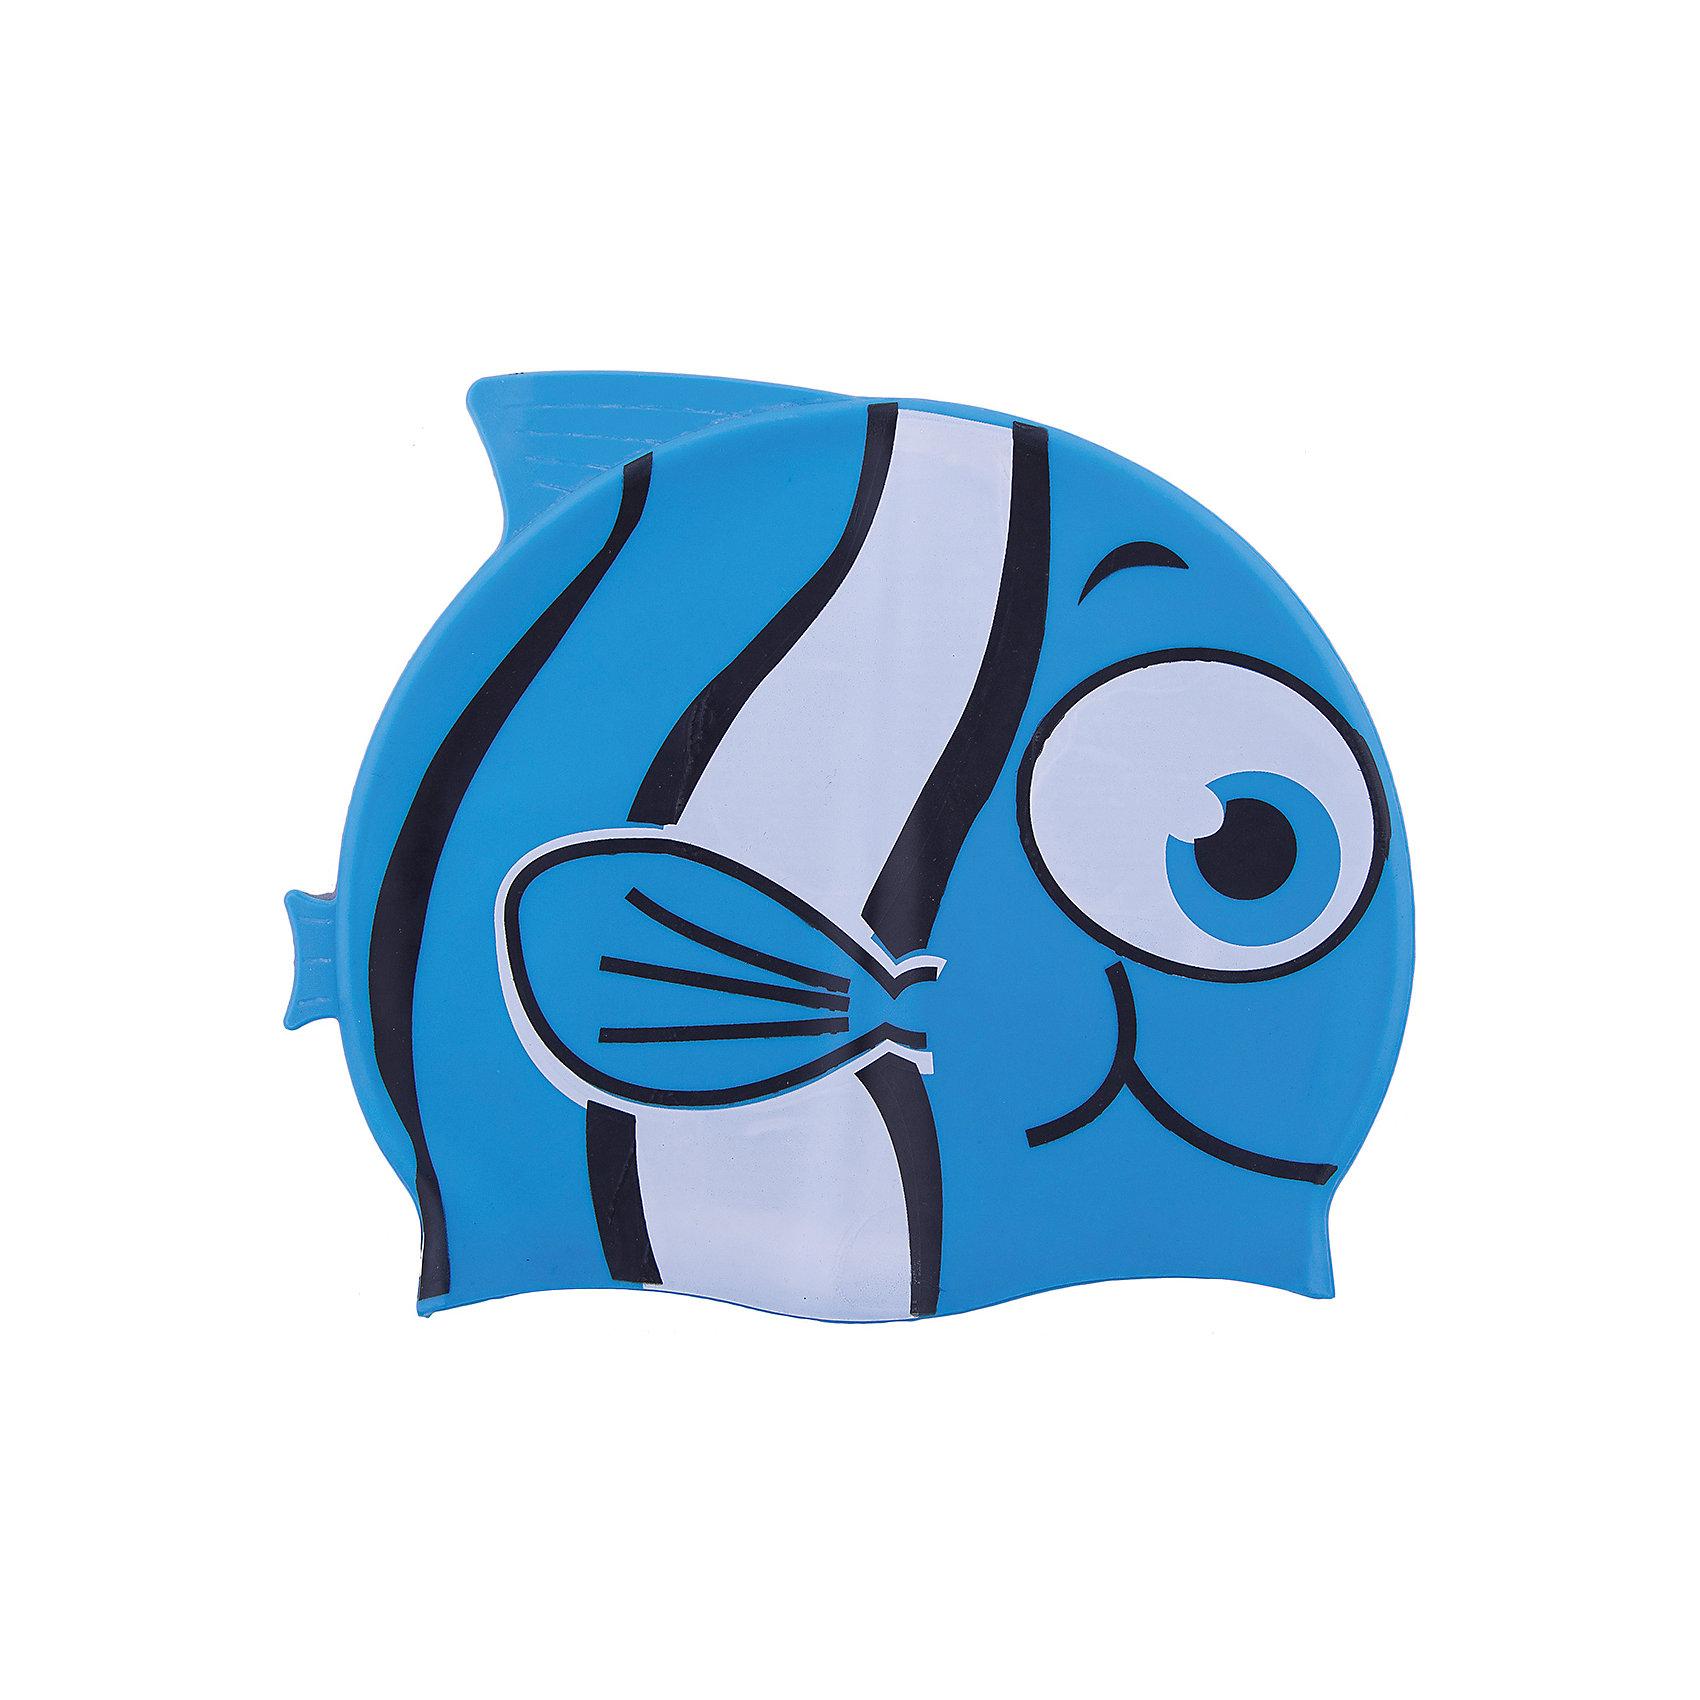 Шапочка для плавания силиконовая Рыбка, синяя, DobestОчки, маски, ласты, шапочки<br>Характеристики товара:<br><br>• материал: 100% силикон<br>• размер: универсальный<br>• страна-производитель: Китай <br>• упаковка: zip система с европодвесом<br><br>Защищает волосы от хлорированной воды и помогает избежать массу неудобств во время посещения бассейна. <br><br>Благодаря своей эластичности, шапочка удобно и плотно облегает голову, сохраняя волосы относительно сухими, подходит к любому размеру головы. <br><br>Ее легко одевать и снимать, так как она очень хорошо растягивается. <br><br>Силикон не вызывает аллергии и очень прост в уходе — после купания в бассейне шапочку достаточно просто прополоскать в пресной воде и высушить.<br><br>Шапочка для плавания силиконовая Рыбка можно купить в нашем интернет-магазине.<br><br>Ширина мм: 125<br>Глубина мм: 210<br>Высота мм: 10<br>Вес г: 65<br>Возраст от месяцев: 36<br>Возраст до месяцев: 2147483647<br>Пол: Унисекс<br>Возраст: Детский<br>SKU: 5574458